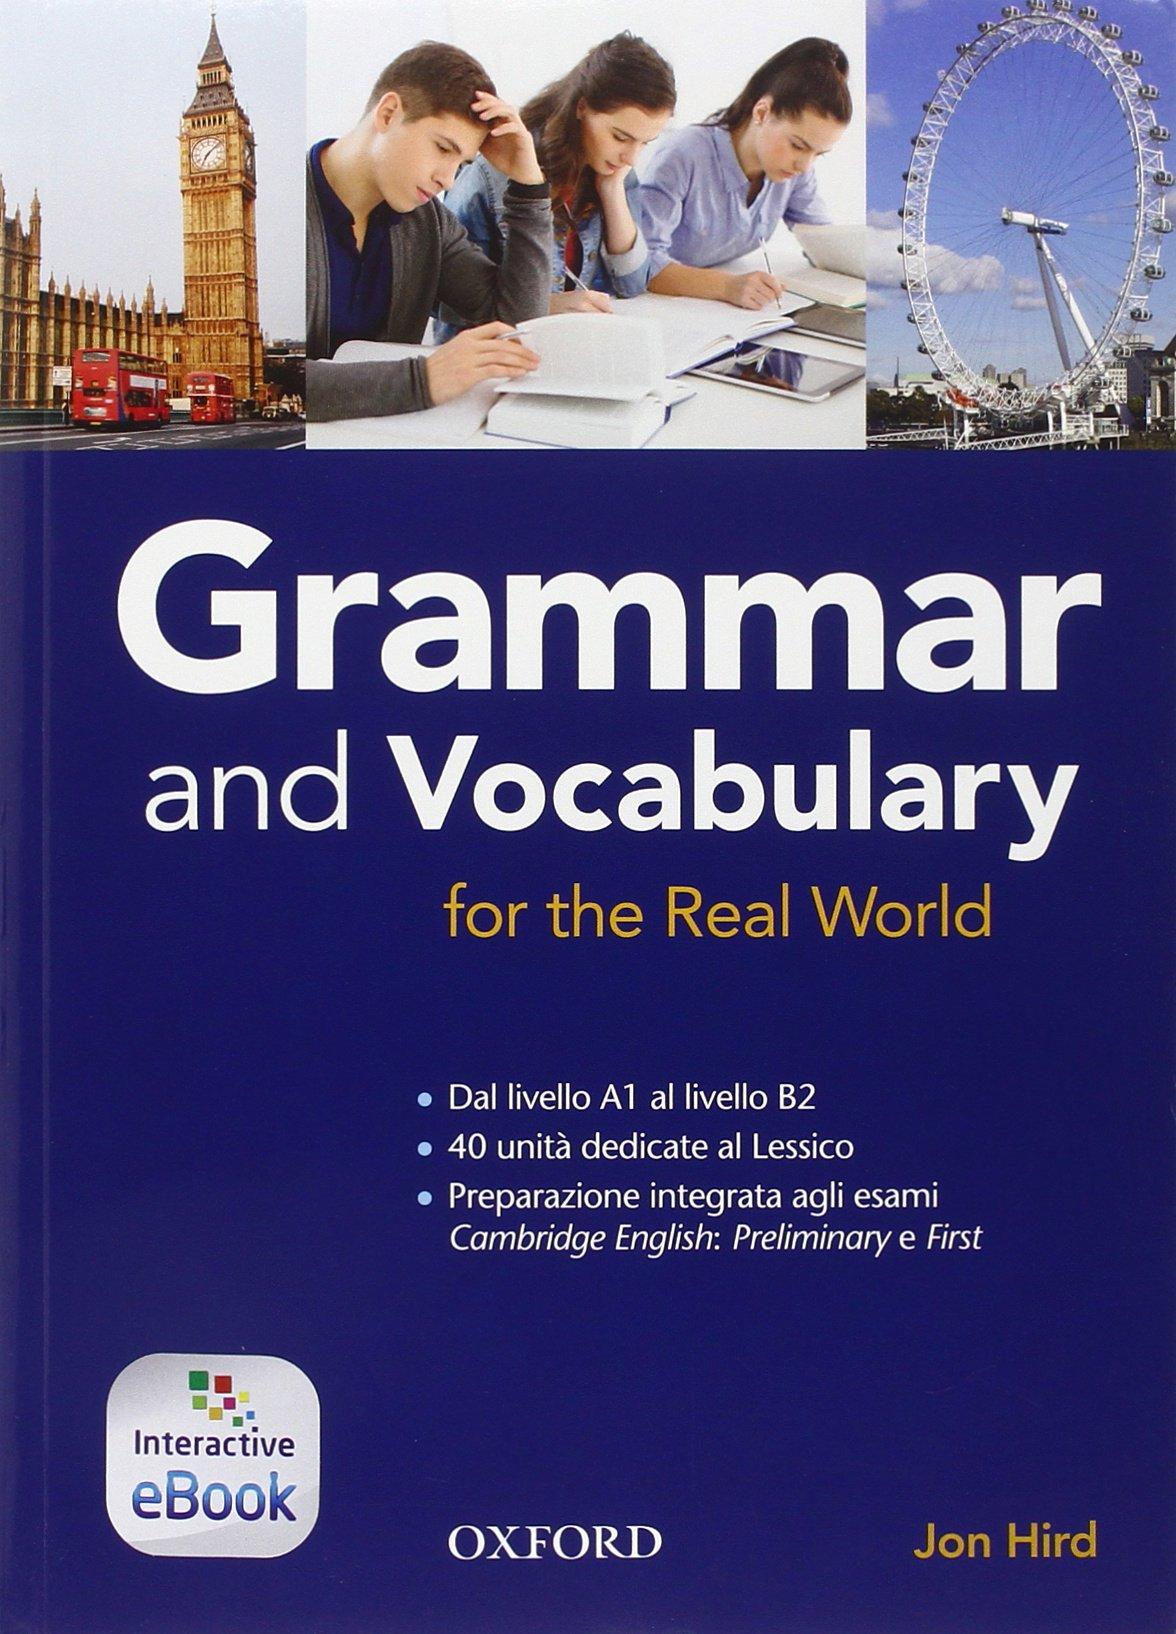 Grammar & vocabulary for real world. Student book-Key (Adozione tipo B). Per le Scuole superiori. Con e-book. Con espansione online Copertina flessibile – 31 mag 2015 Aa. Vv. Oxford University Press 0194810305 Inglese